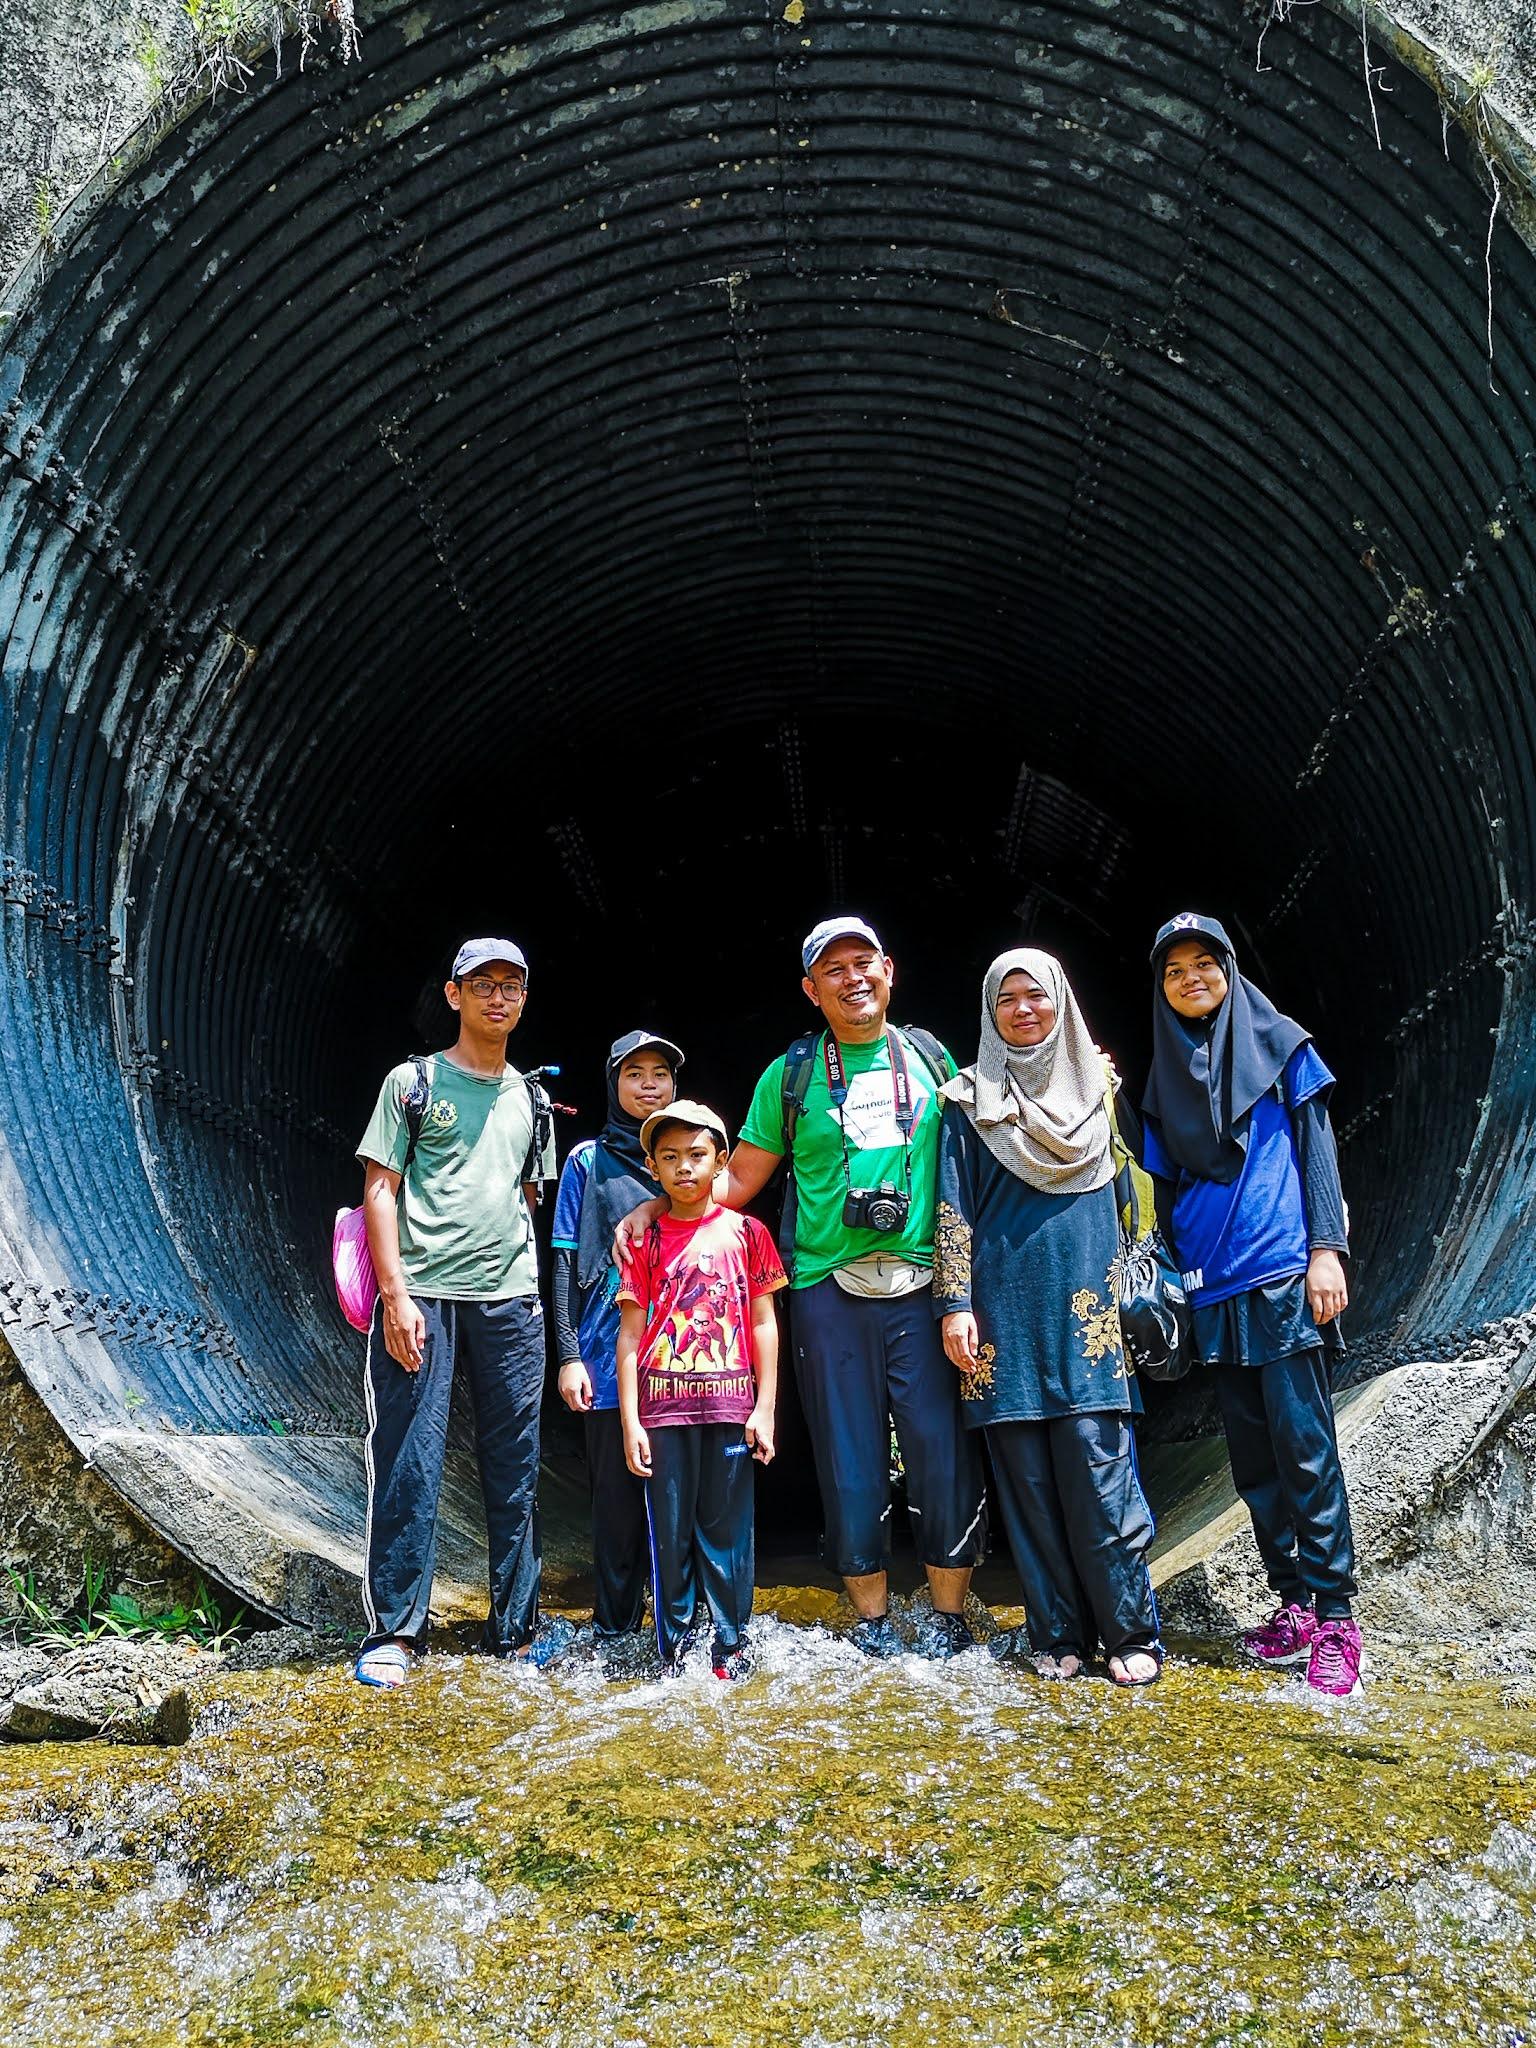 Trekking Ke Air Terjun Sungai Pisang, Gombak Bersama Keluarga